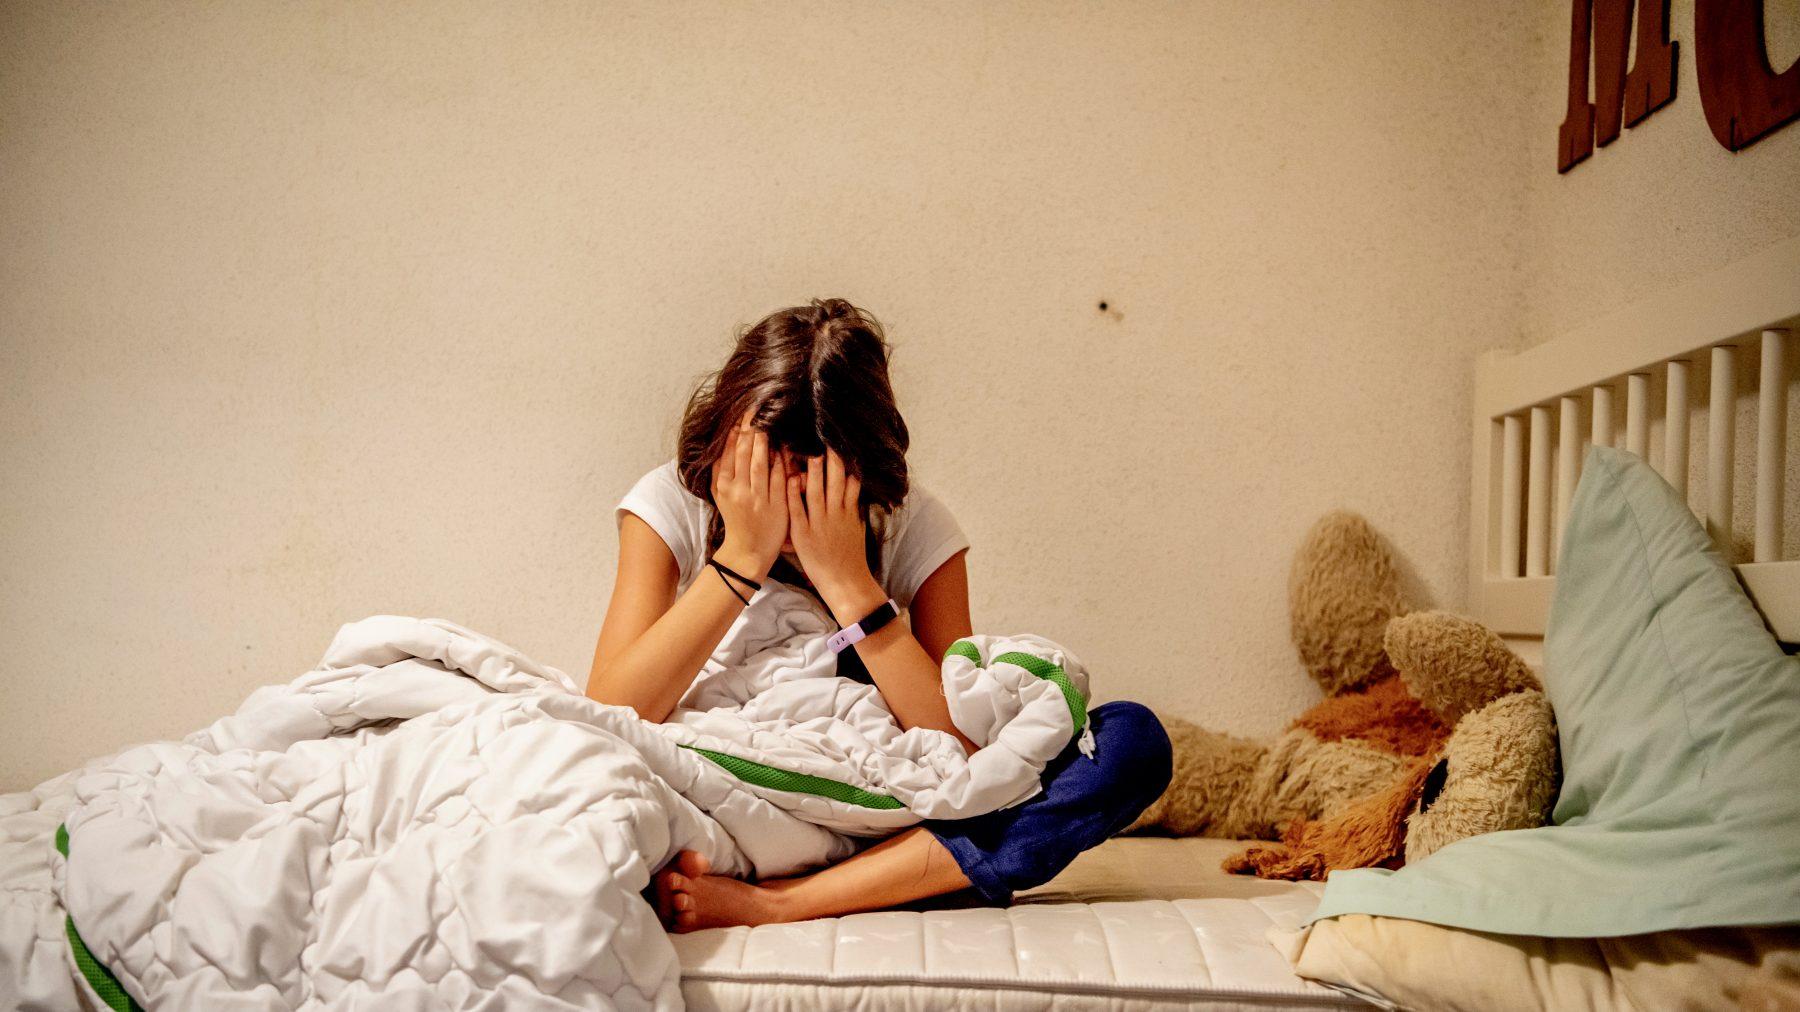 contact seksueel misbruik via Social media